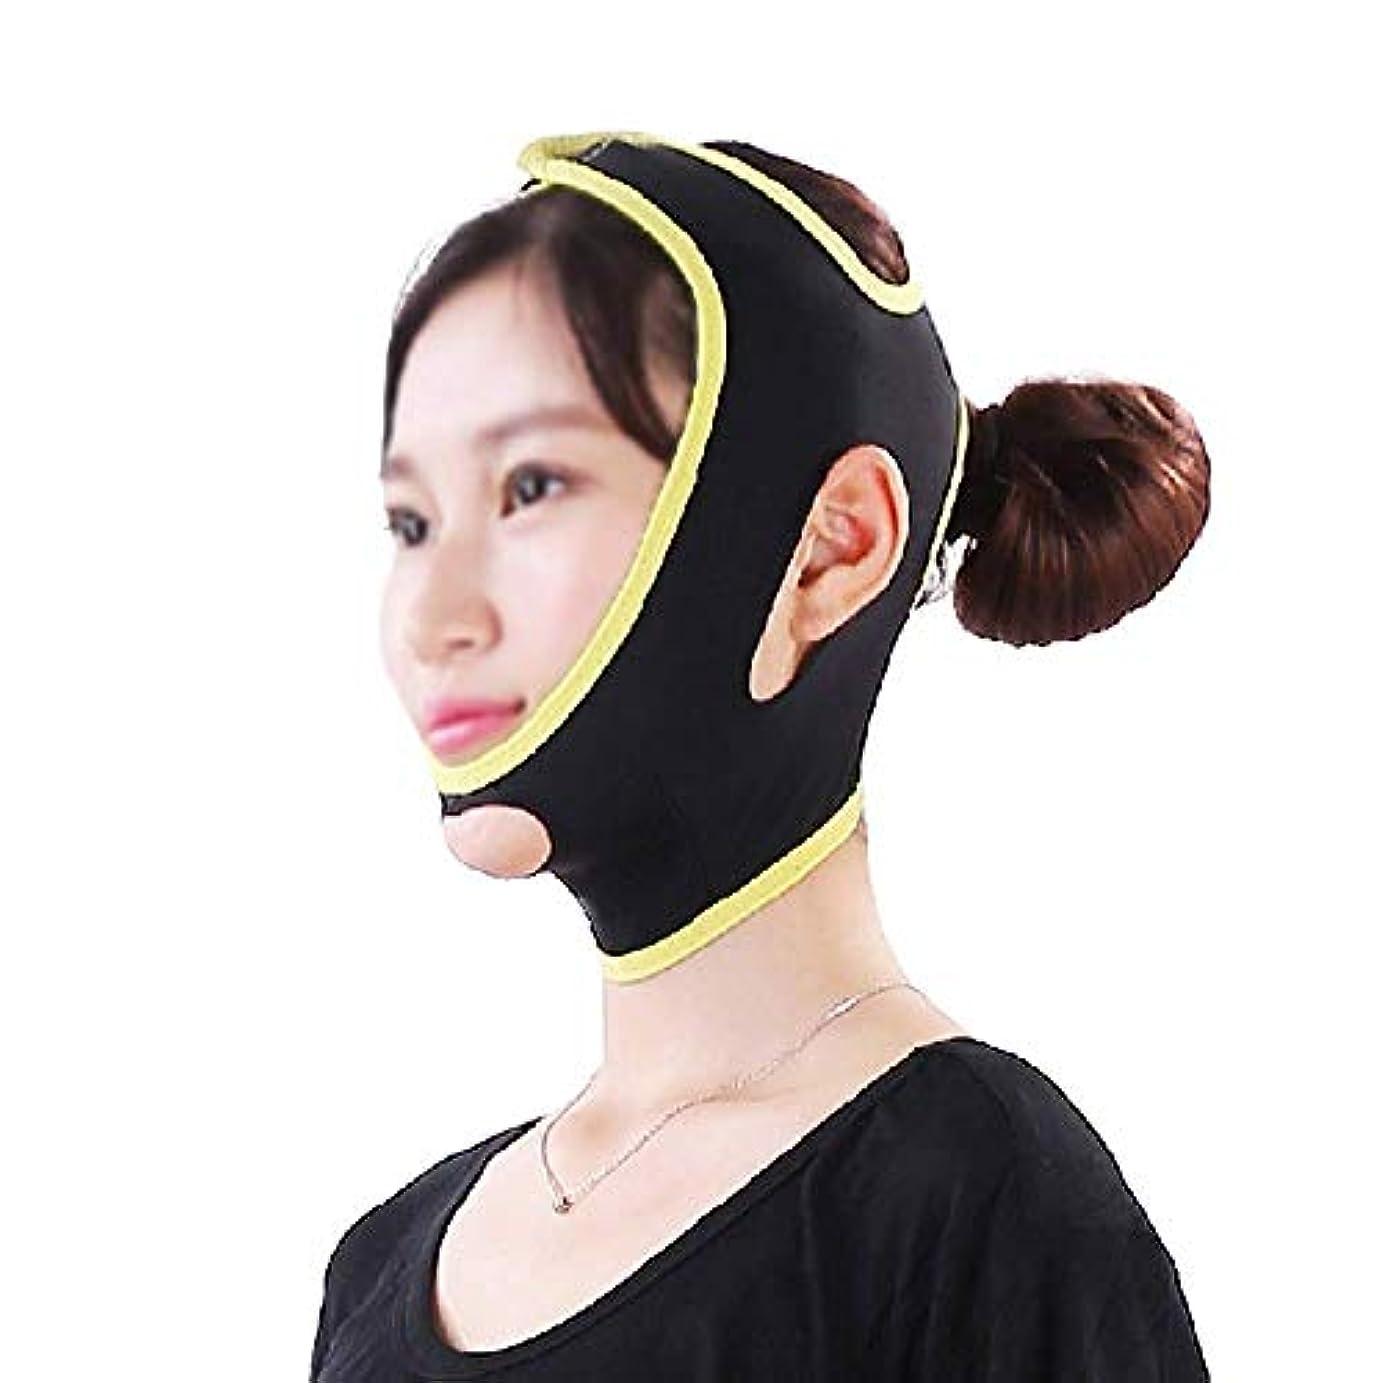 スパイ意識的不正確フェイスアンドネックリフト、Vフェイスマスクは顔の輪郭を強化して、顎の超弾性包帯を引き締める咬筋を緩和します(サイズ:M)